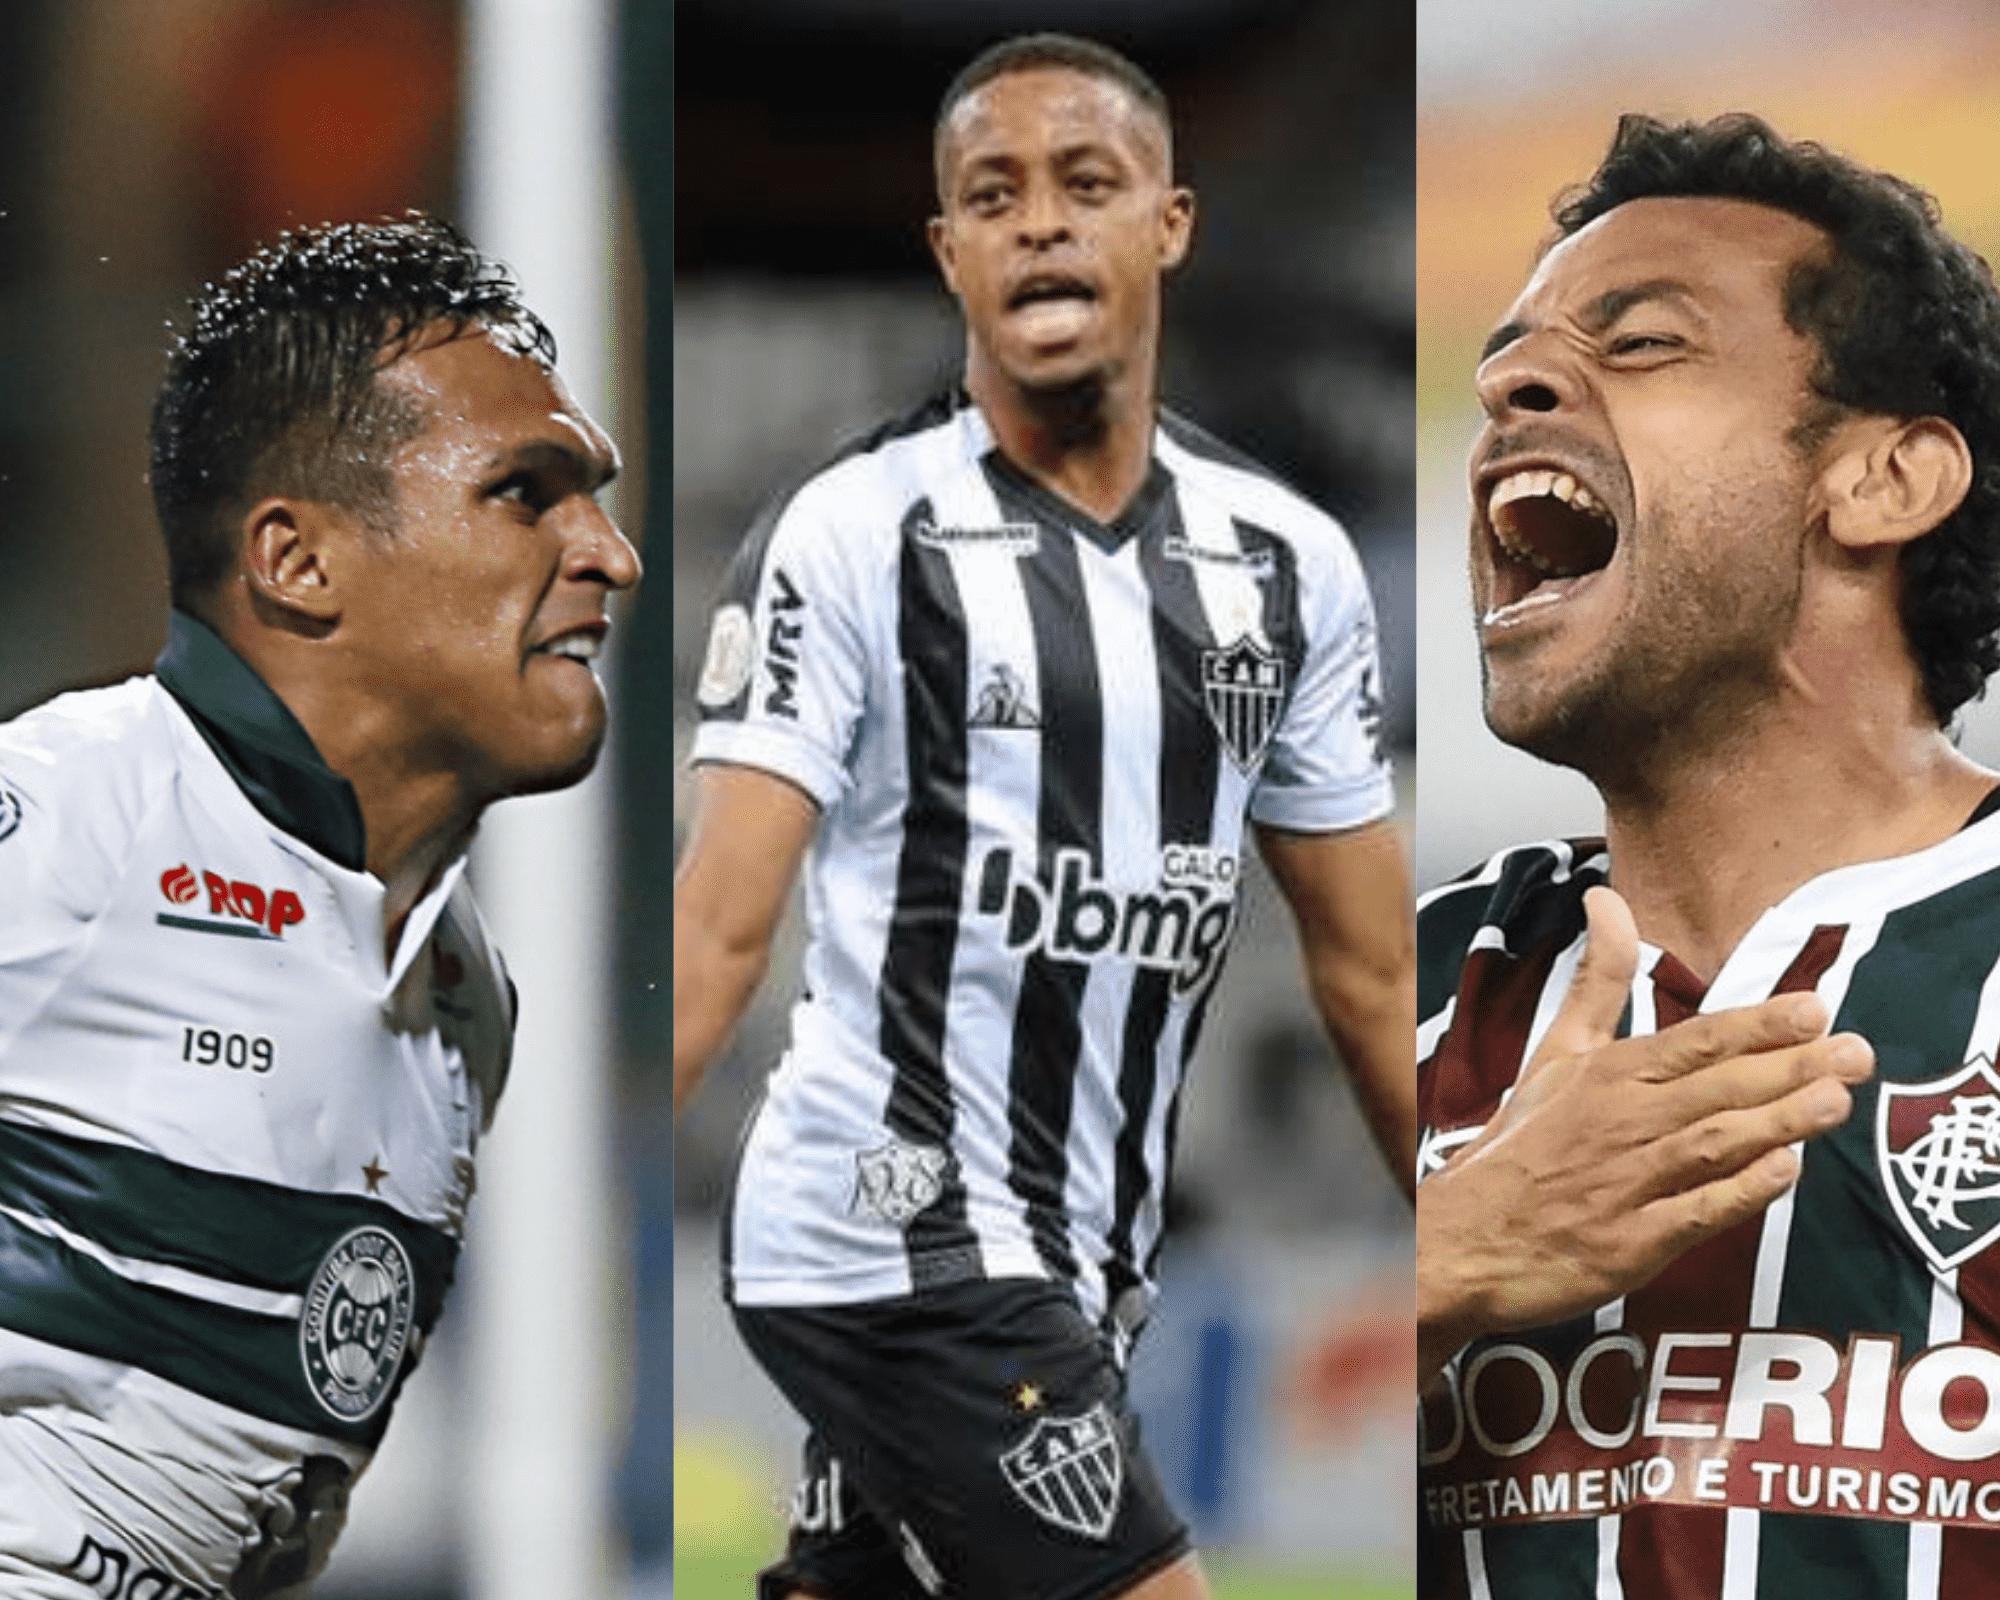 Imagem mostra jogadores do Cartola FC suspensos